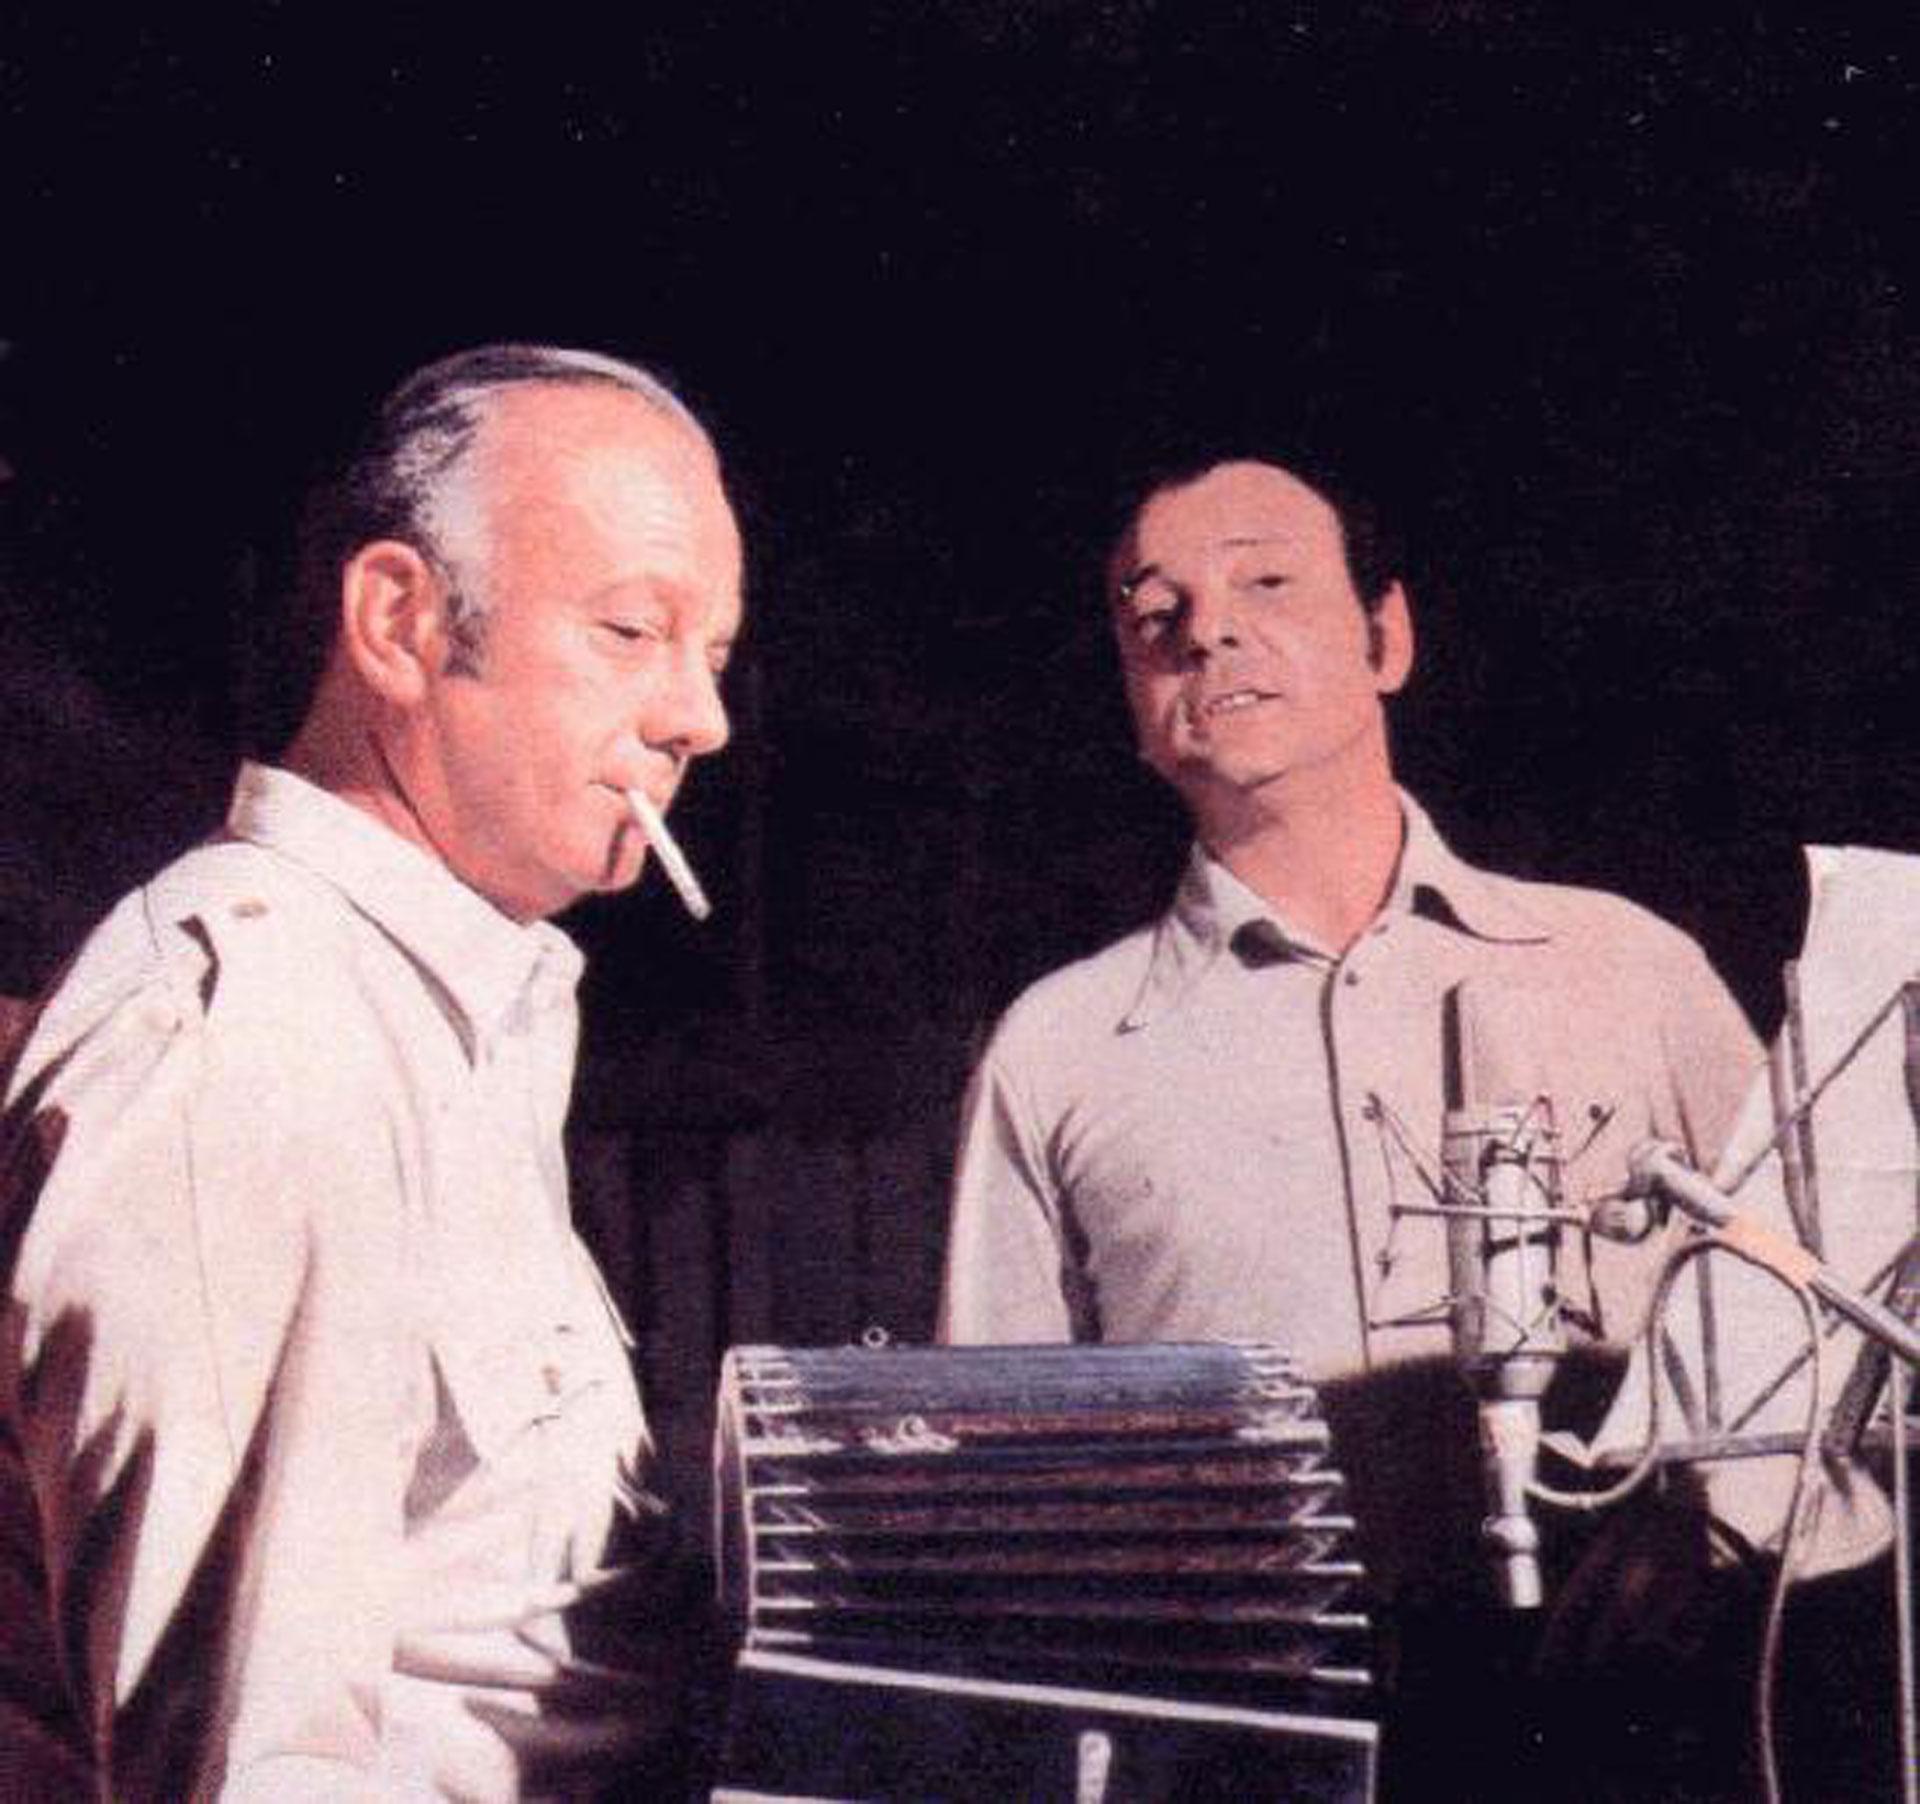 Piazzolla y Horacio Ferrer